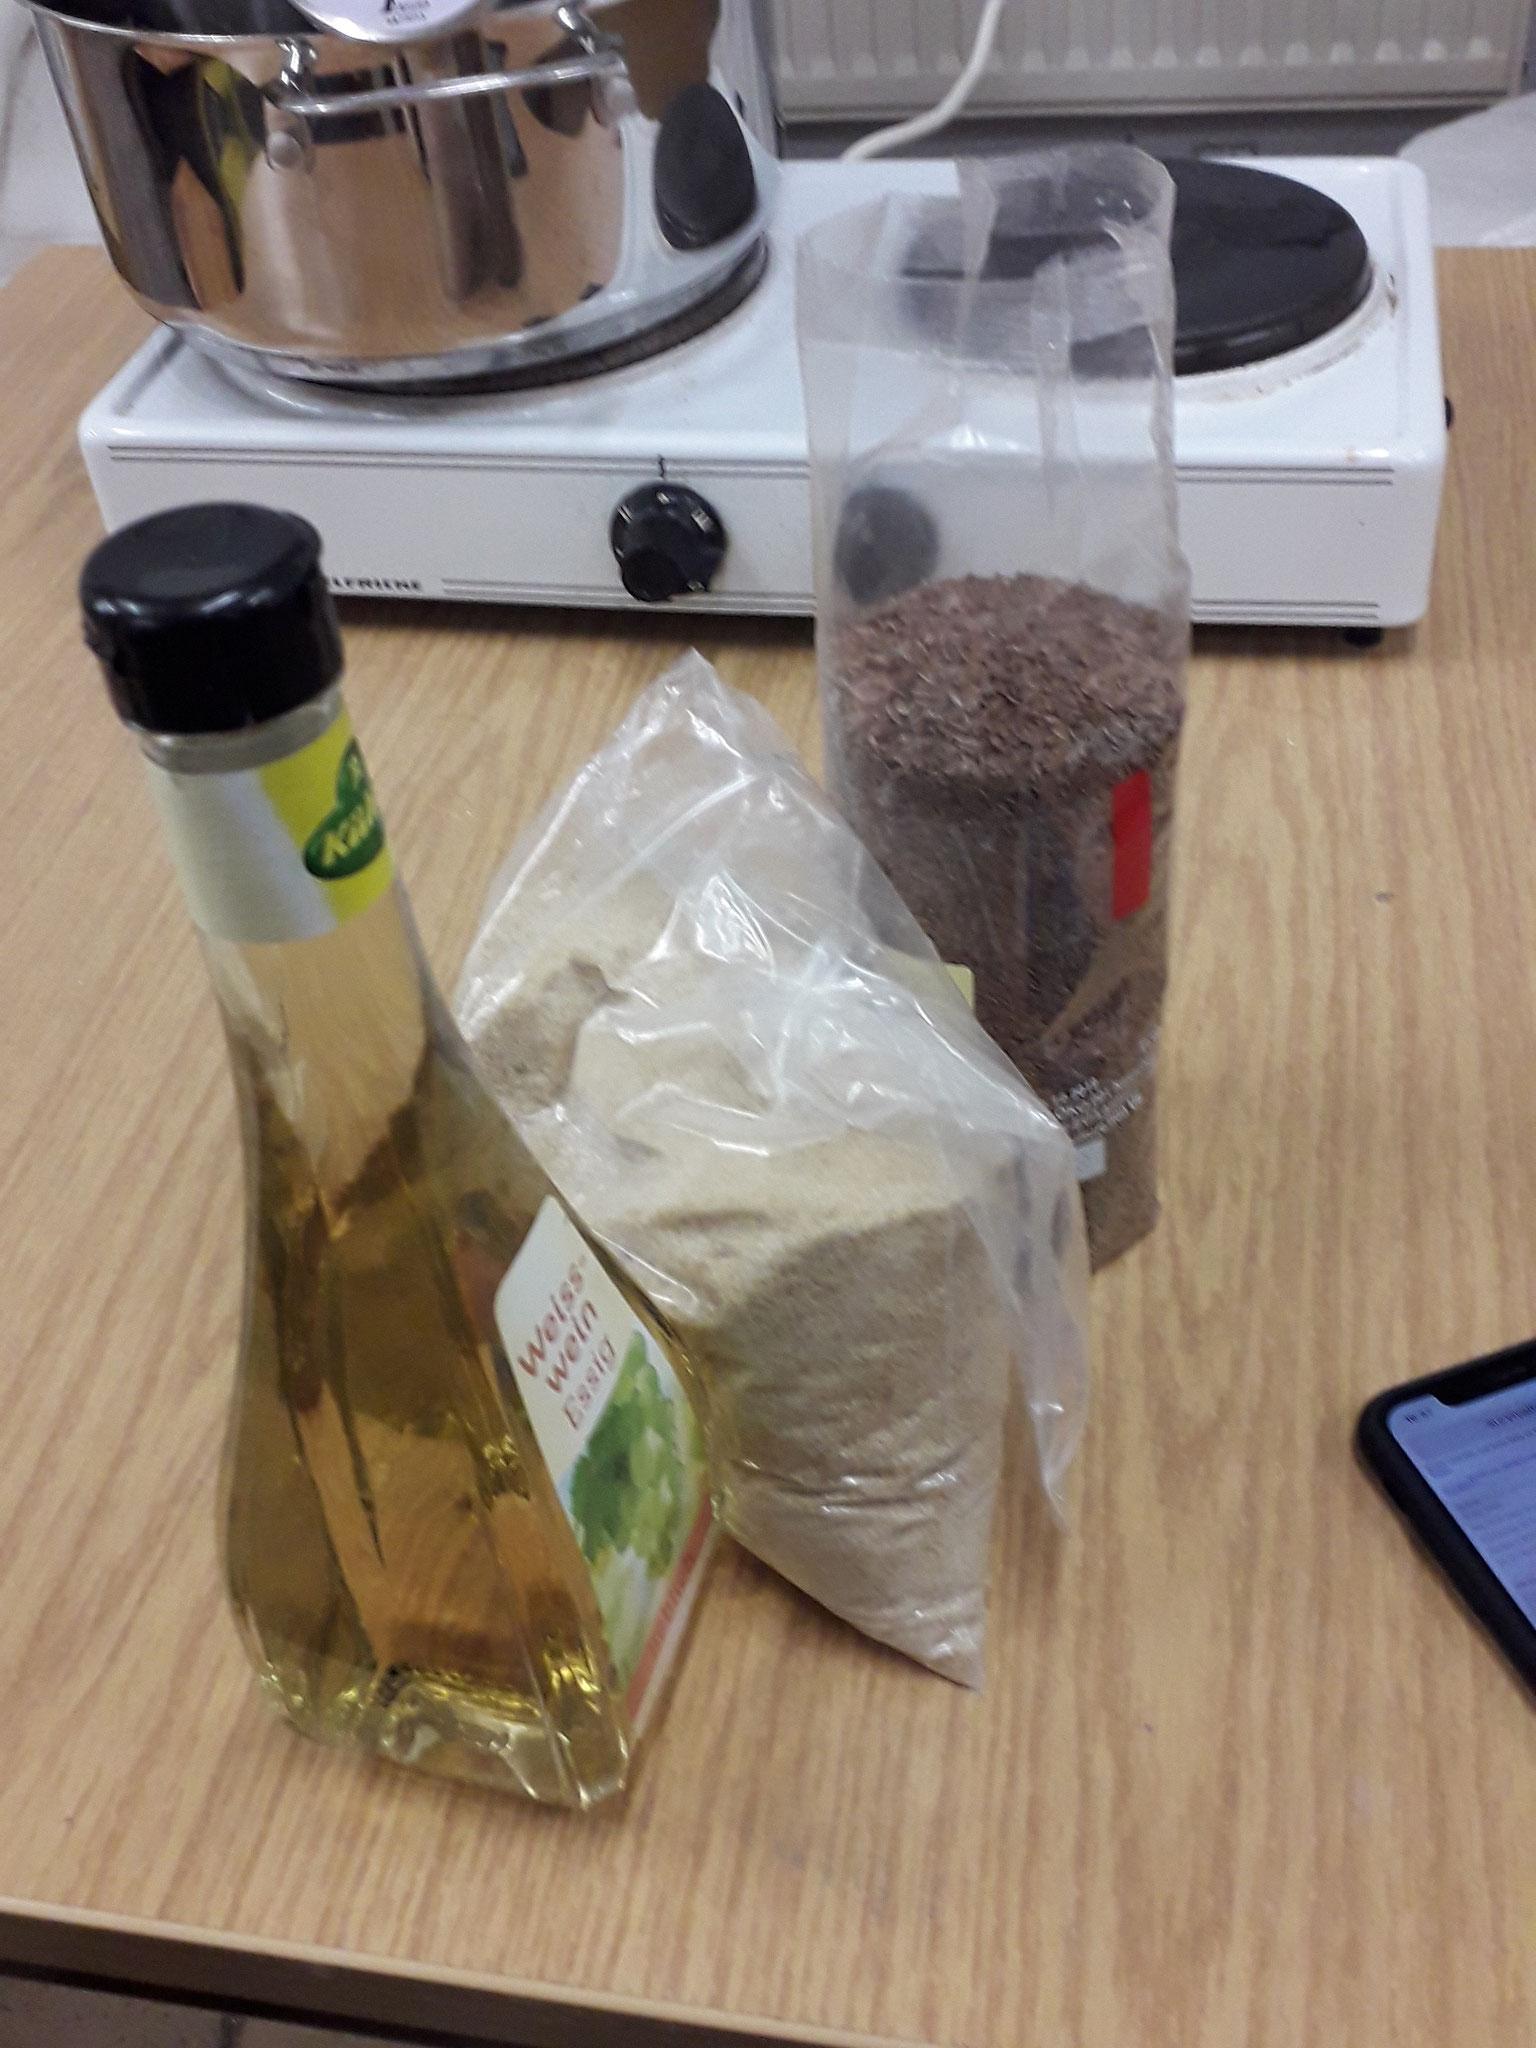 Die verwendeten Materialien für den Leim: Granulat für den Hasenleim (Mitte) und Leinsamen sowie Essig für den Leinsamenleim.